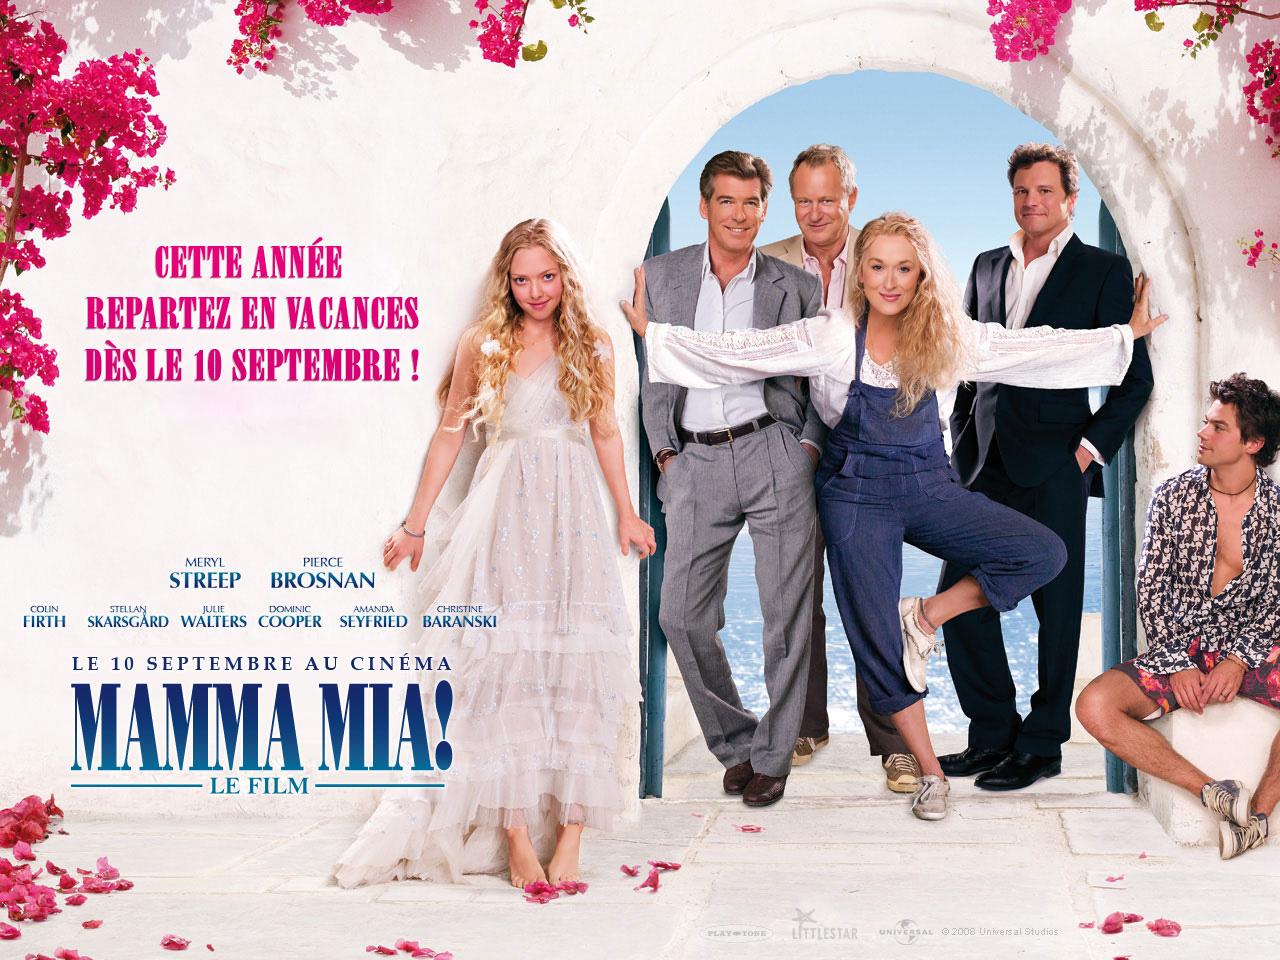 mamma-mia-affiche-film1